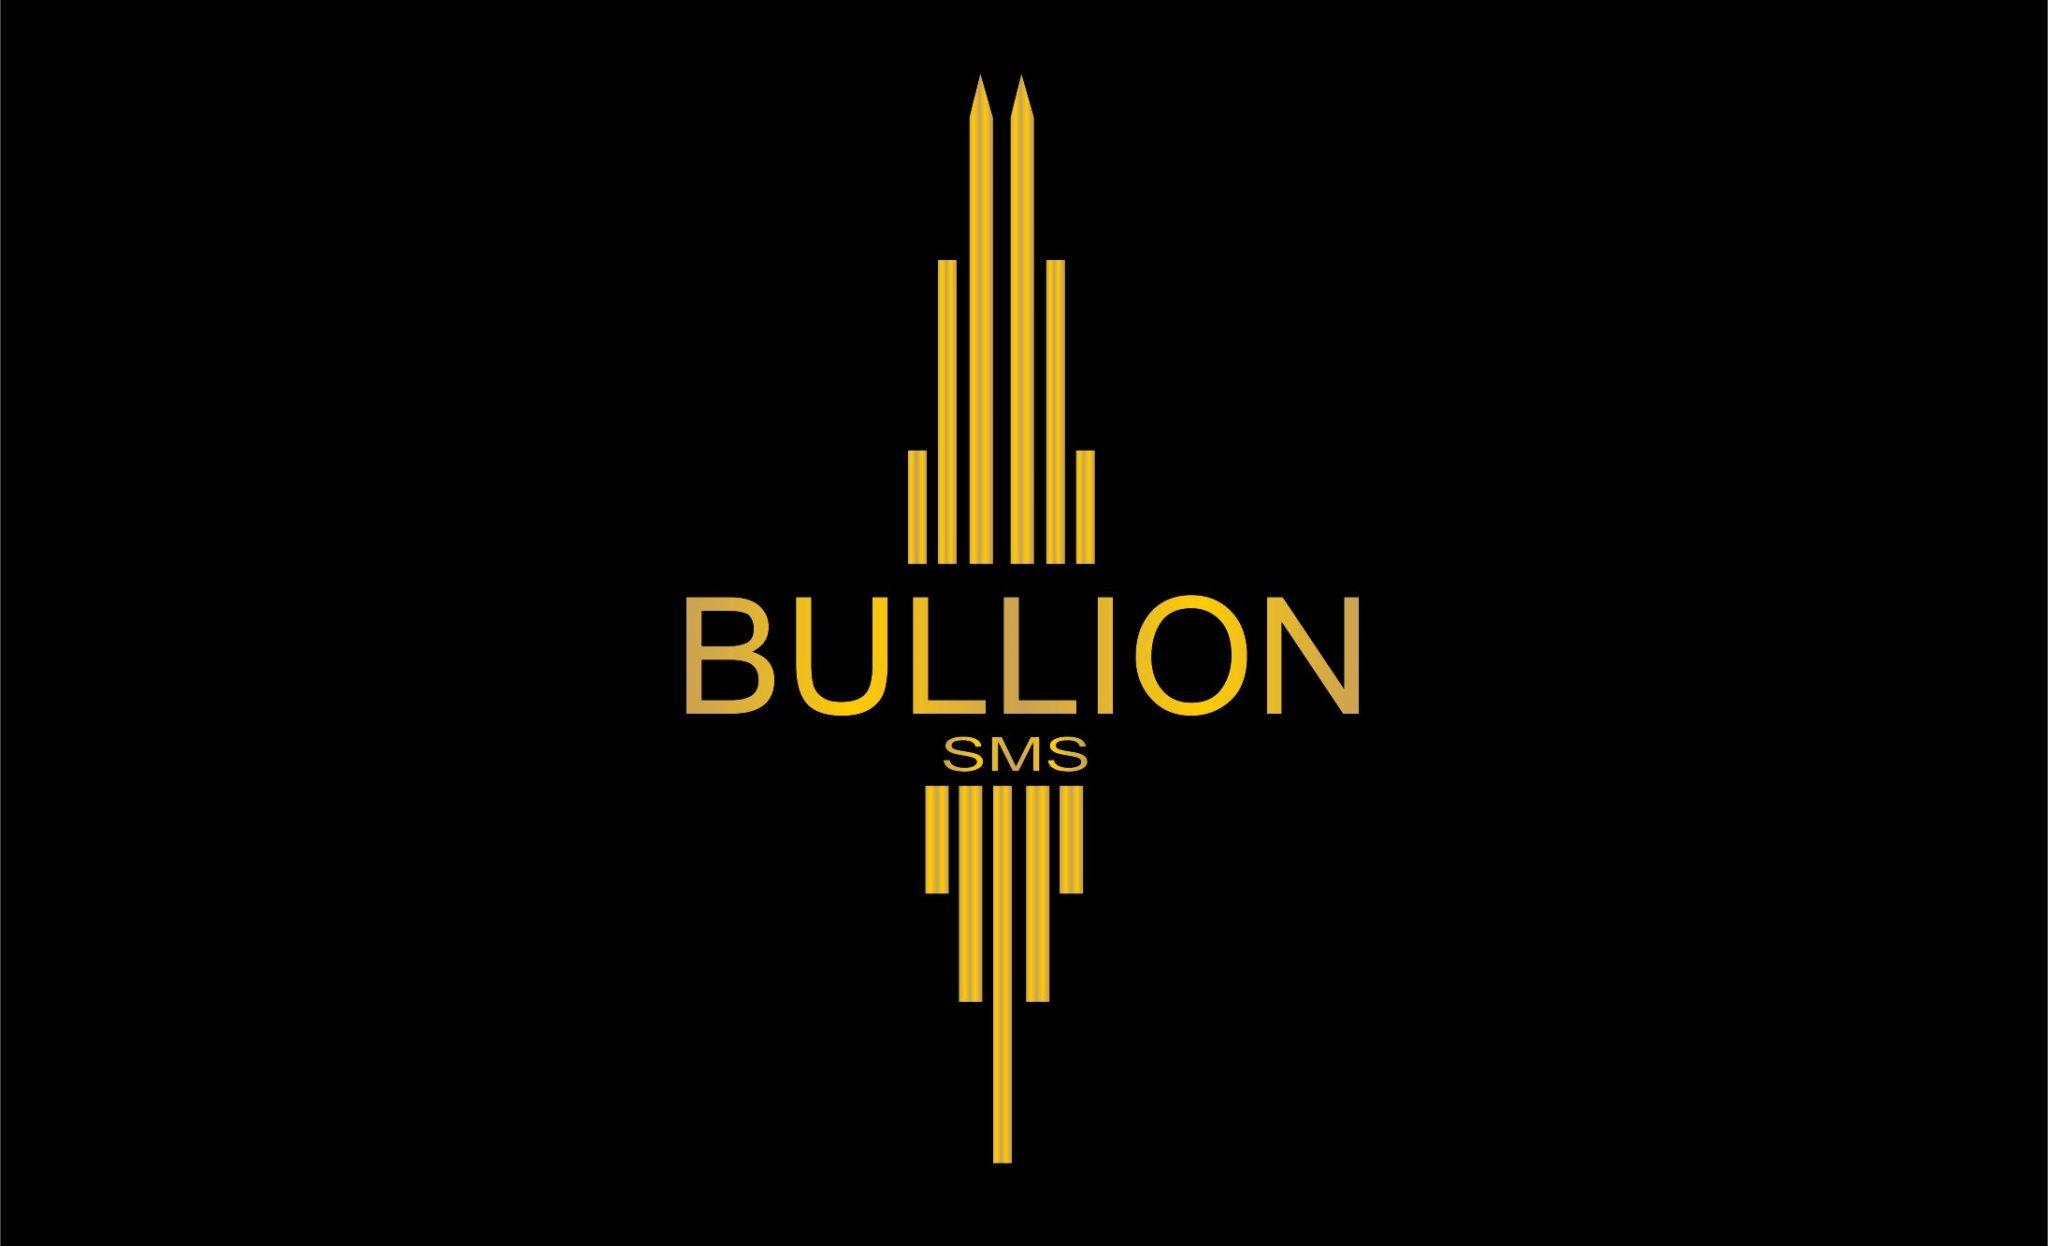 Bullion Bulk SMS